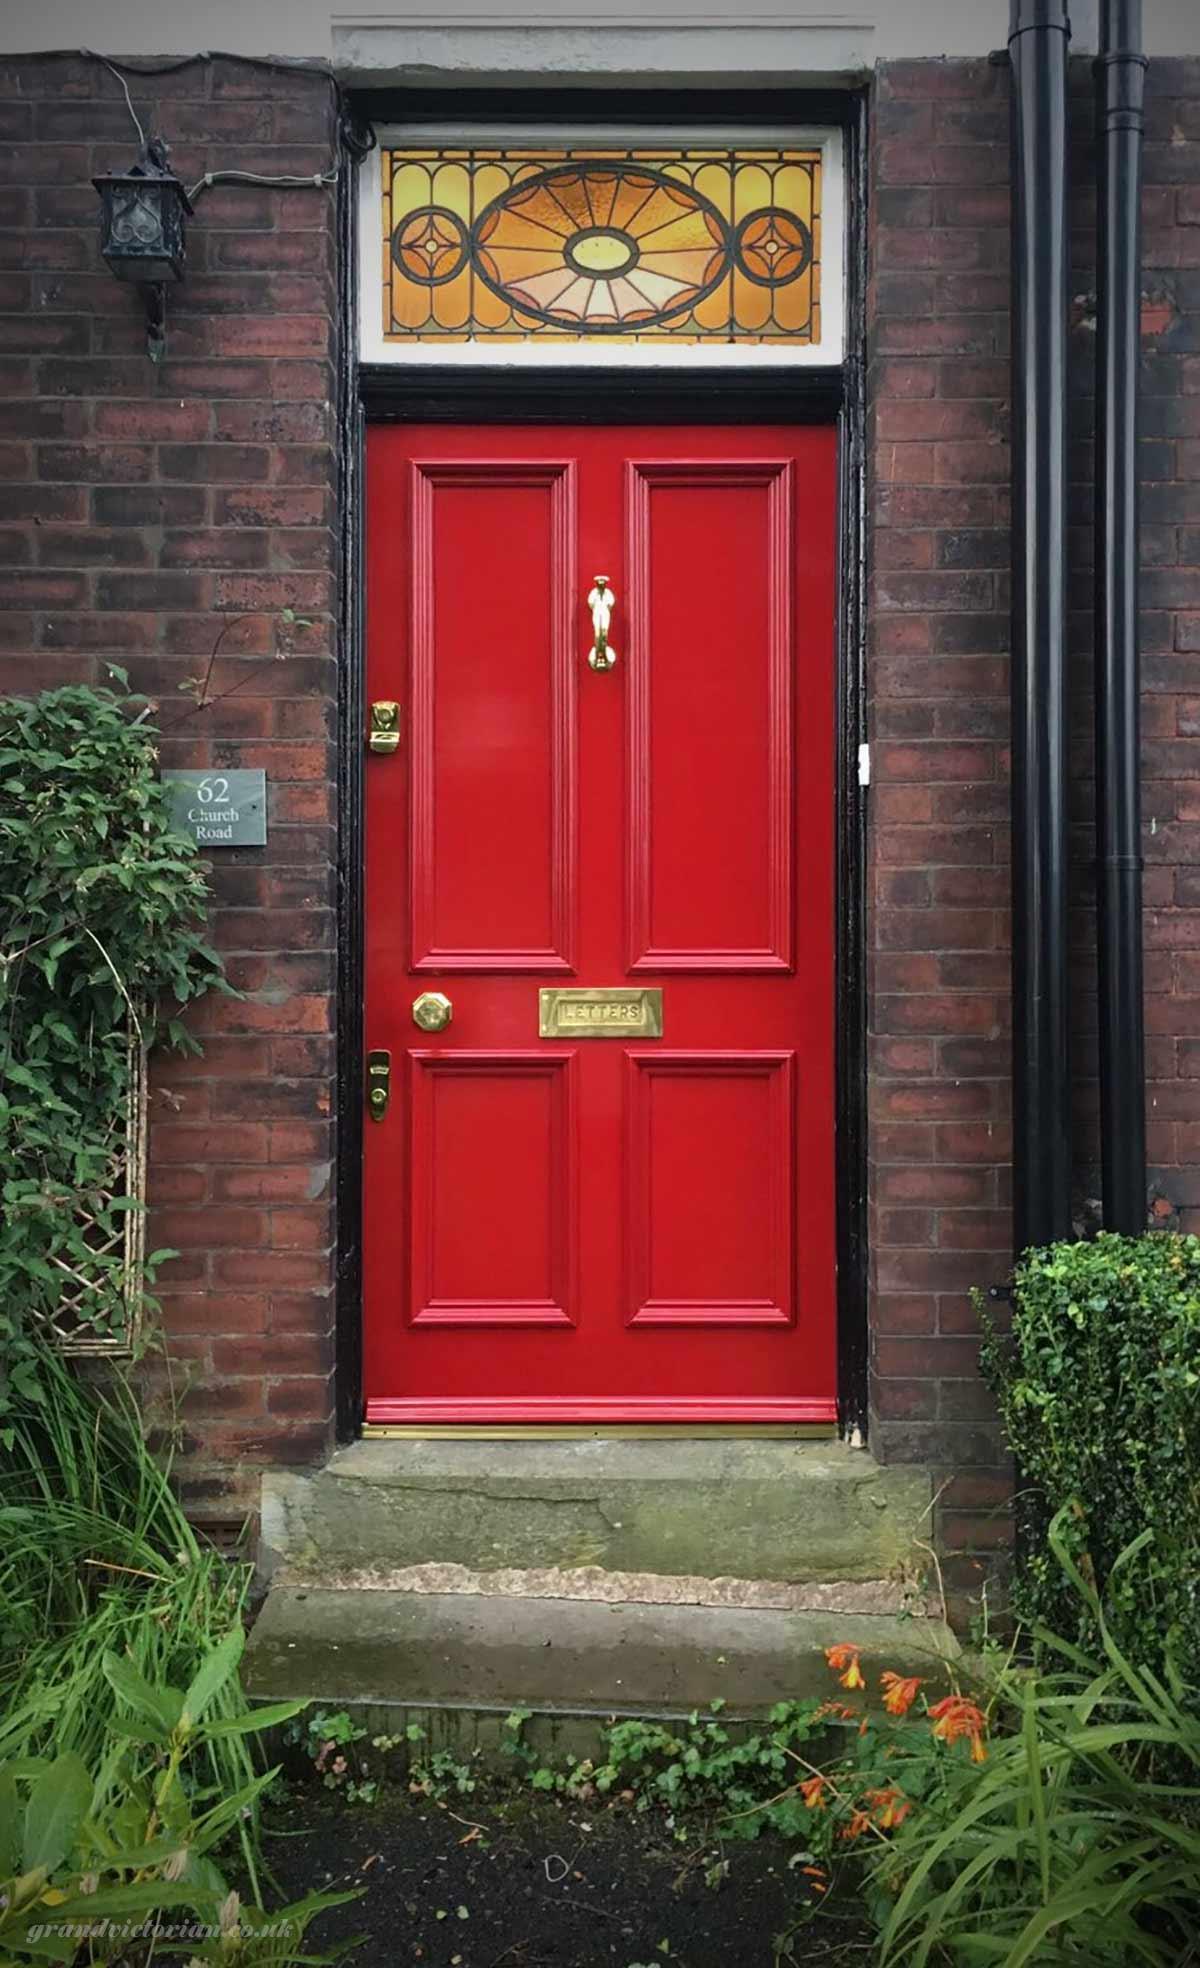 Red Victorian front door